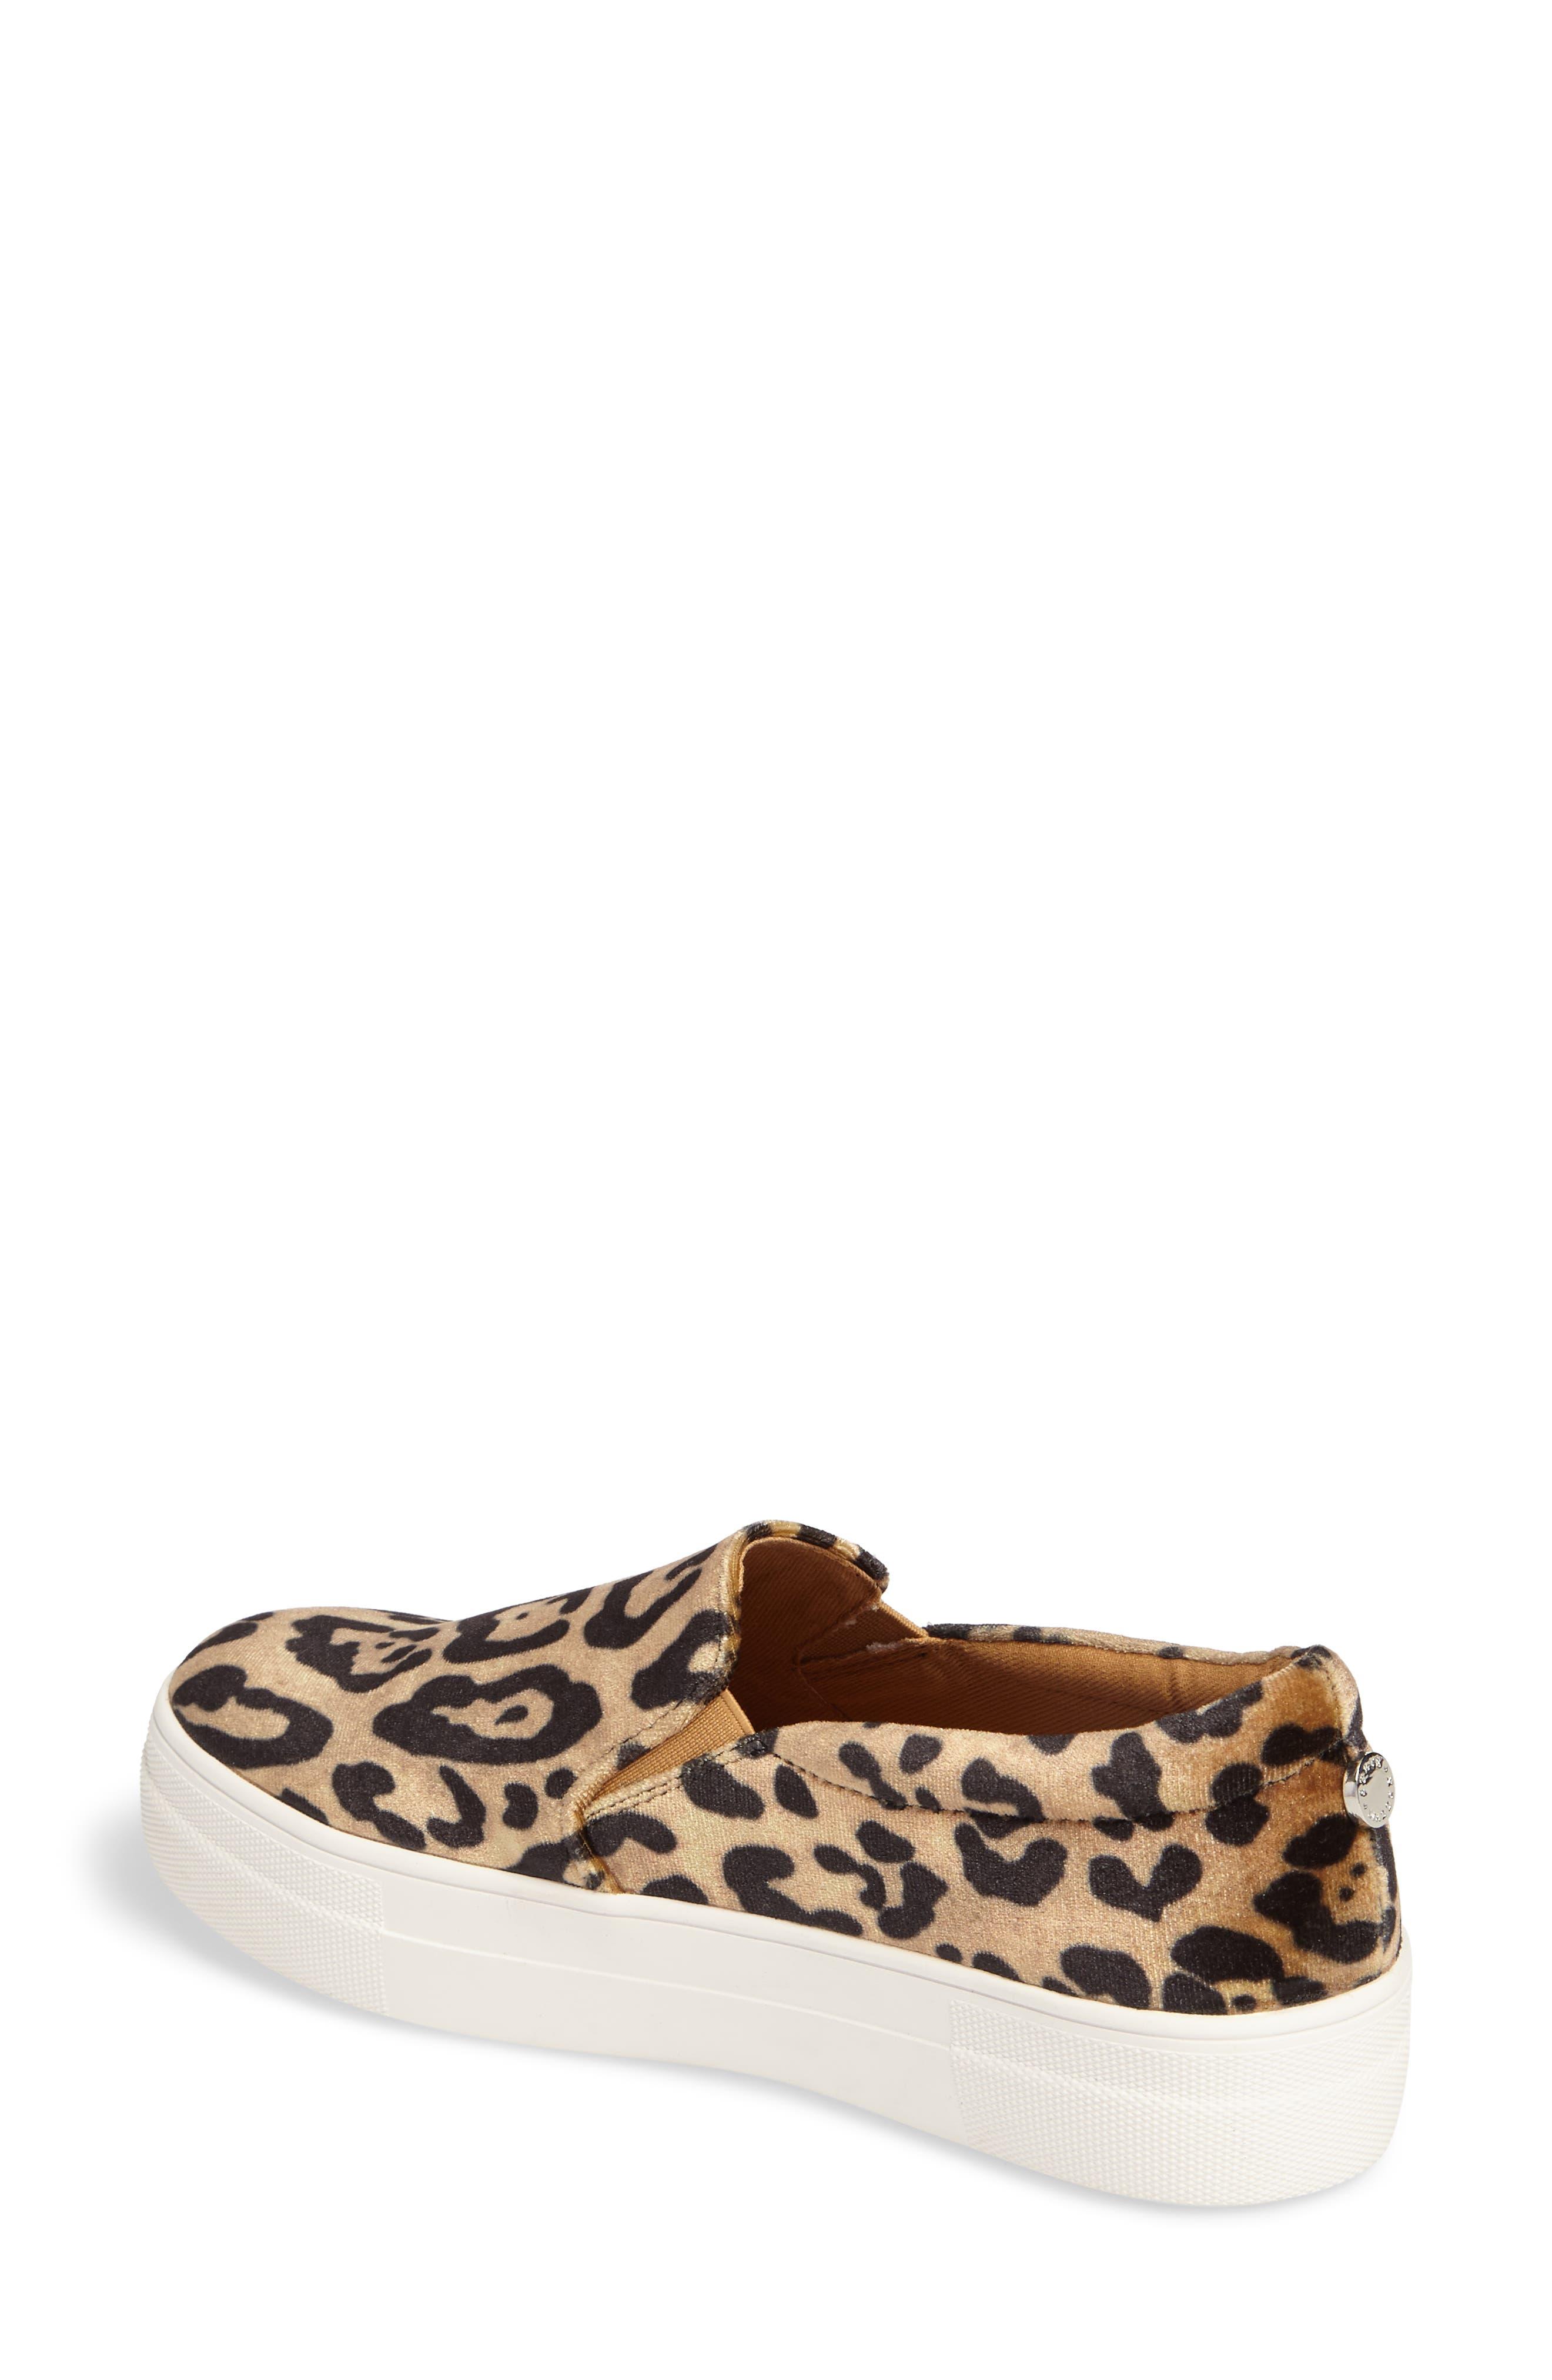 Gills Platform Slip-On Sneaker,                             Alternate thumbnail 2, color,                             Leopard